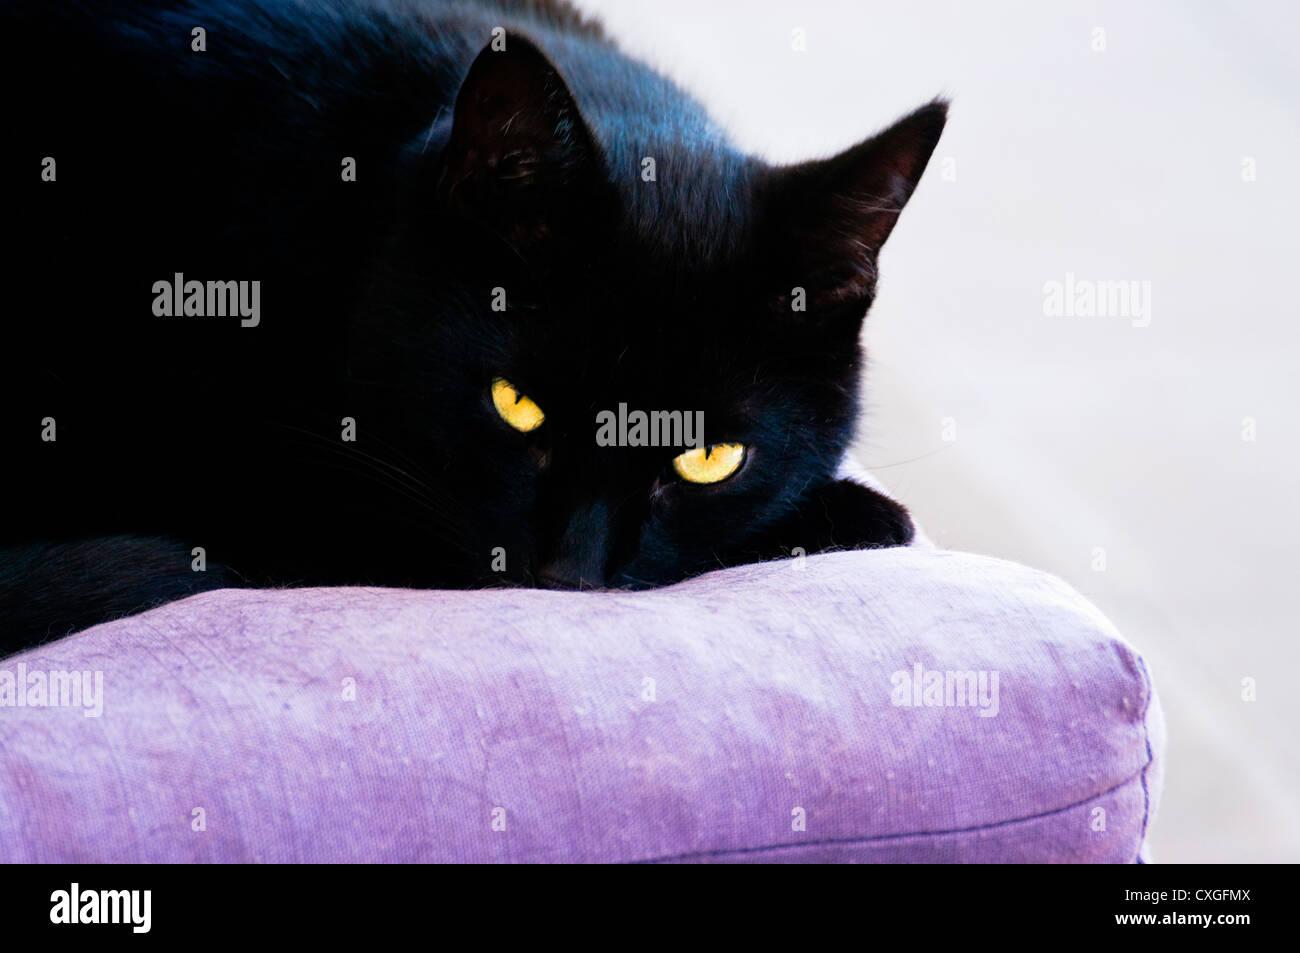 noir GF chatte pics noir poilu chatte baisée dur